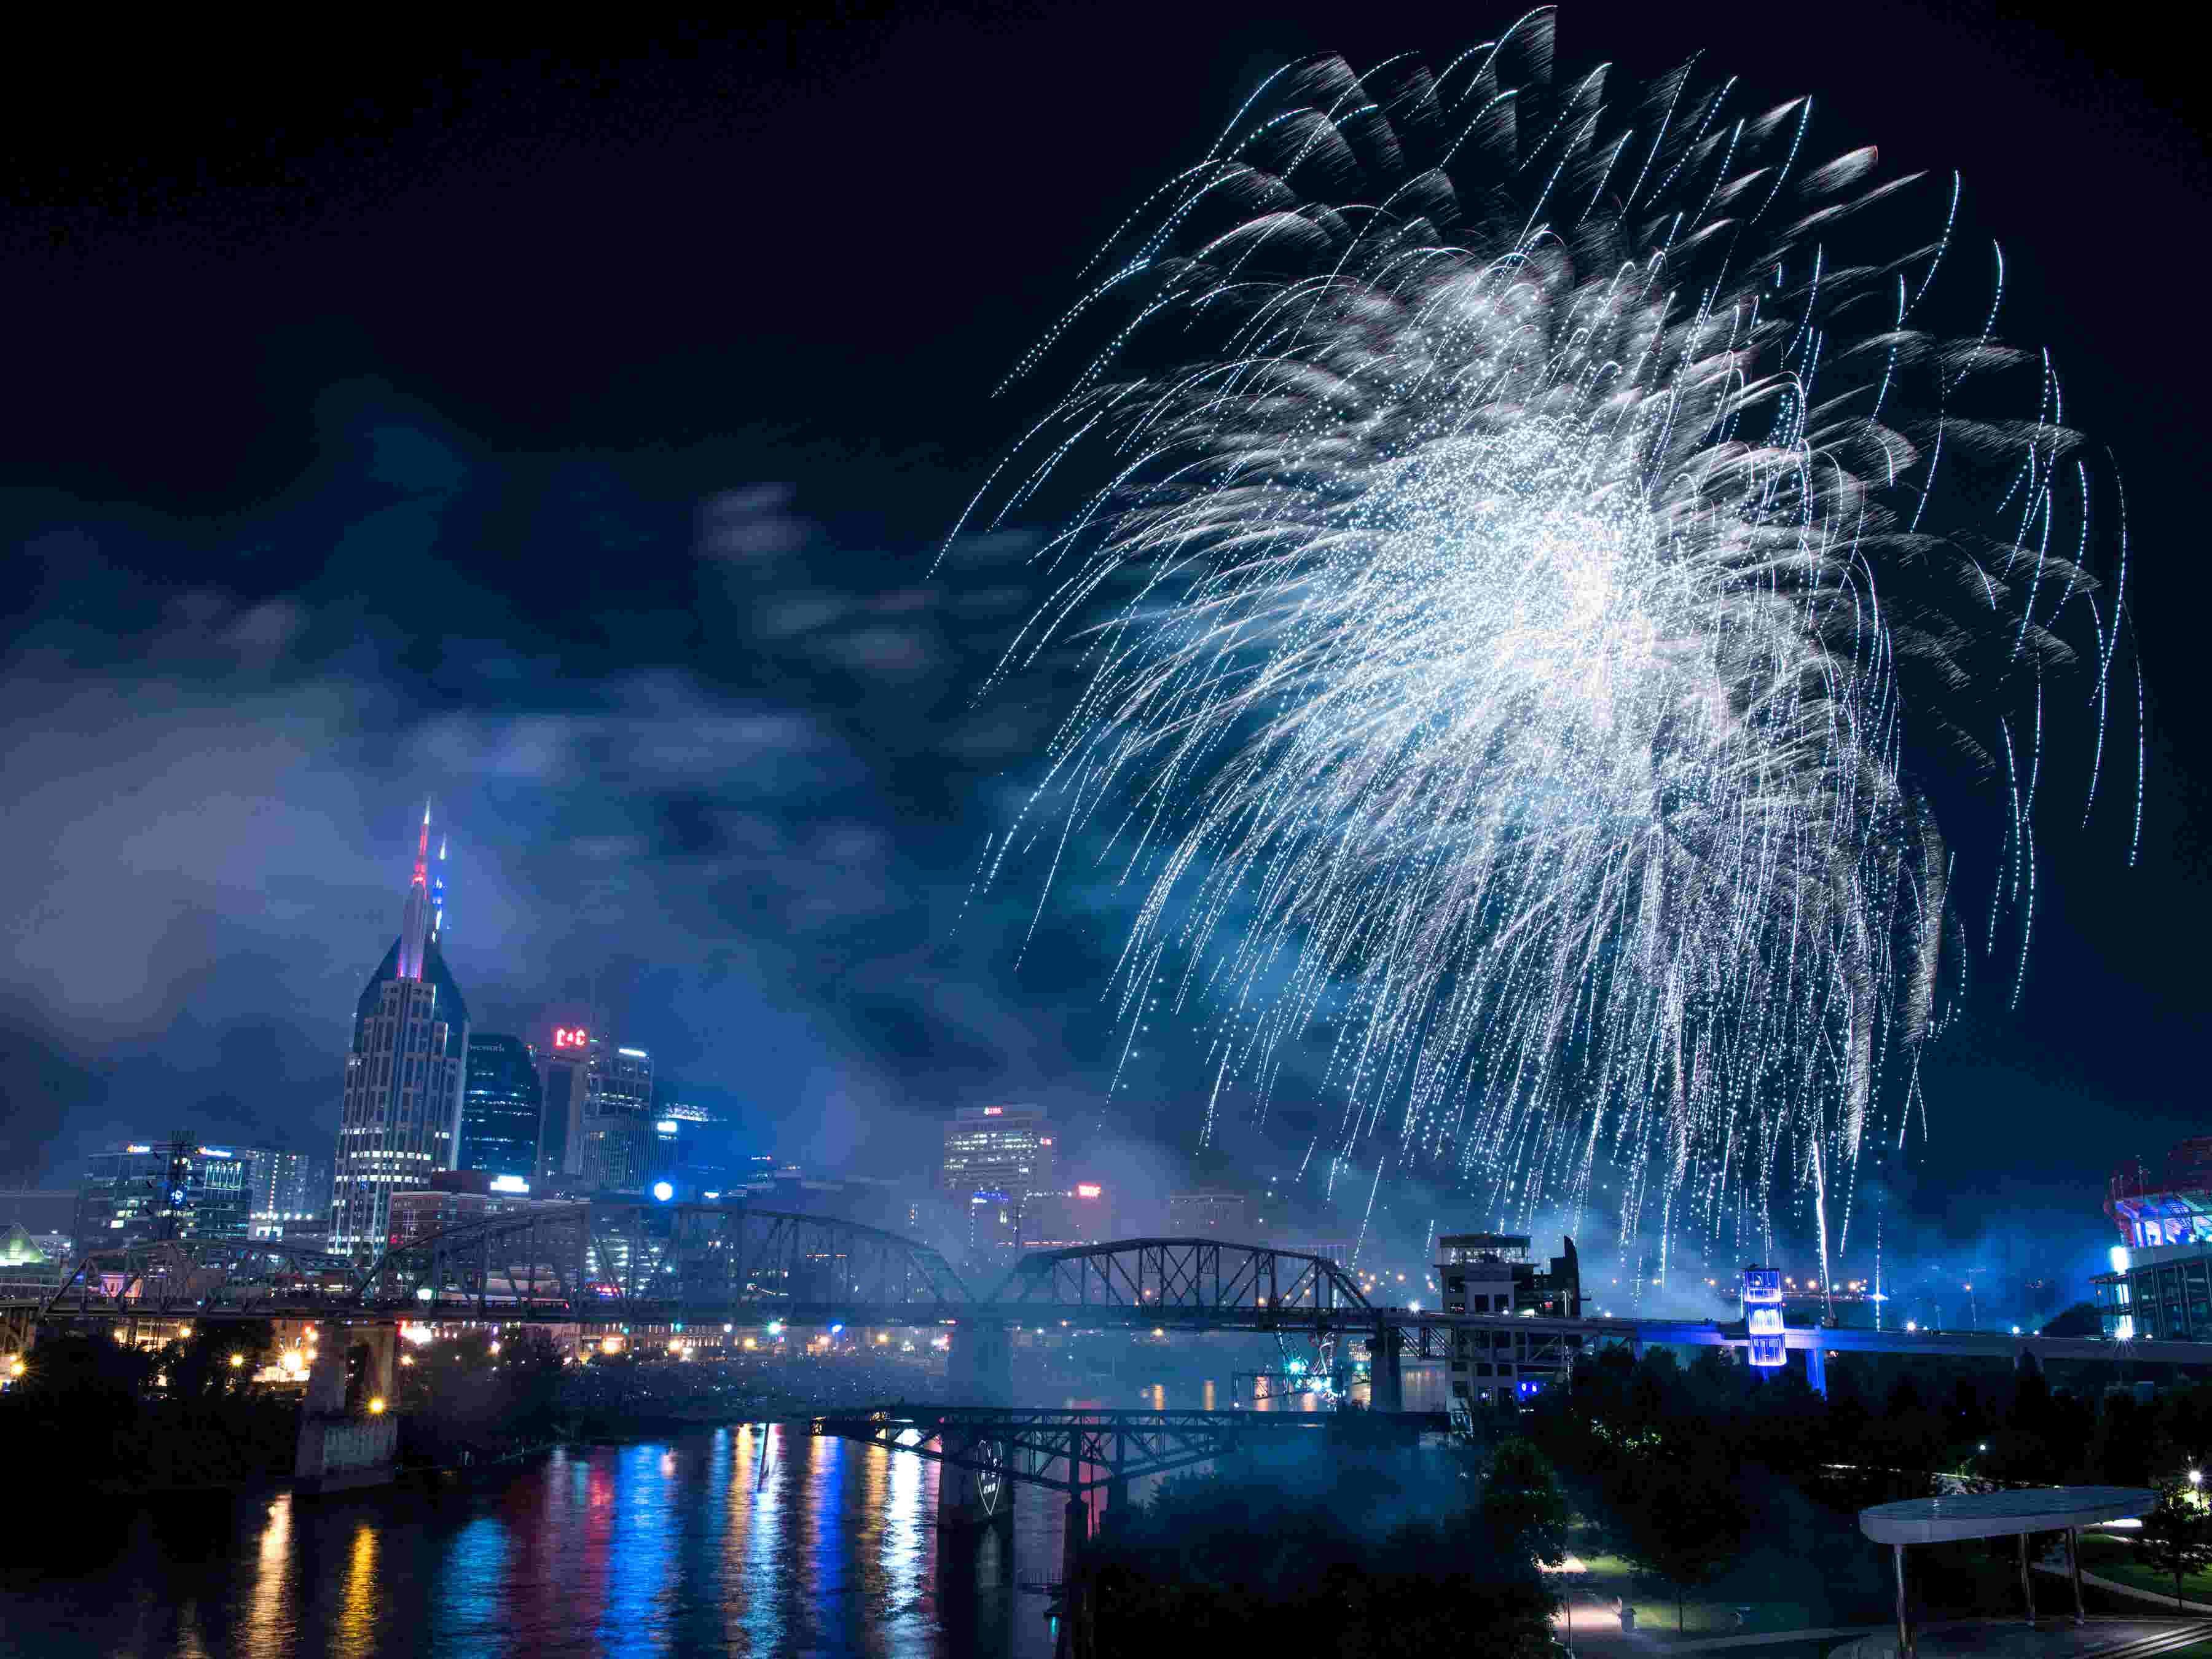 Nashville 4th of July fireworks celebration: Over 250,000 attended